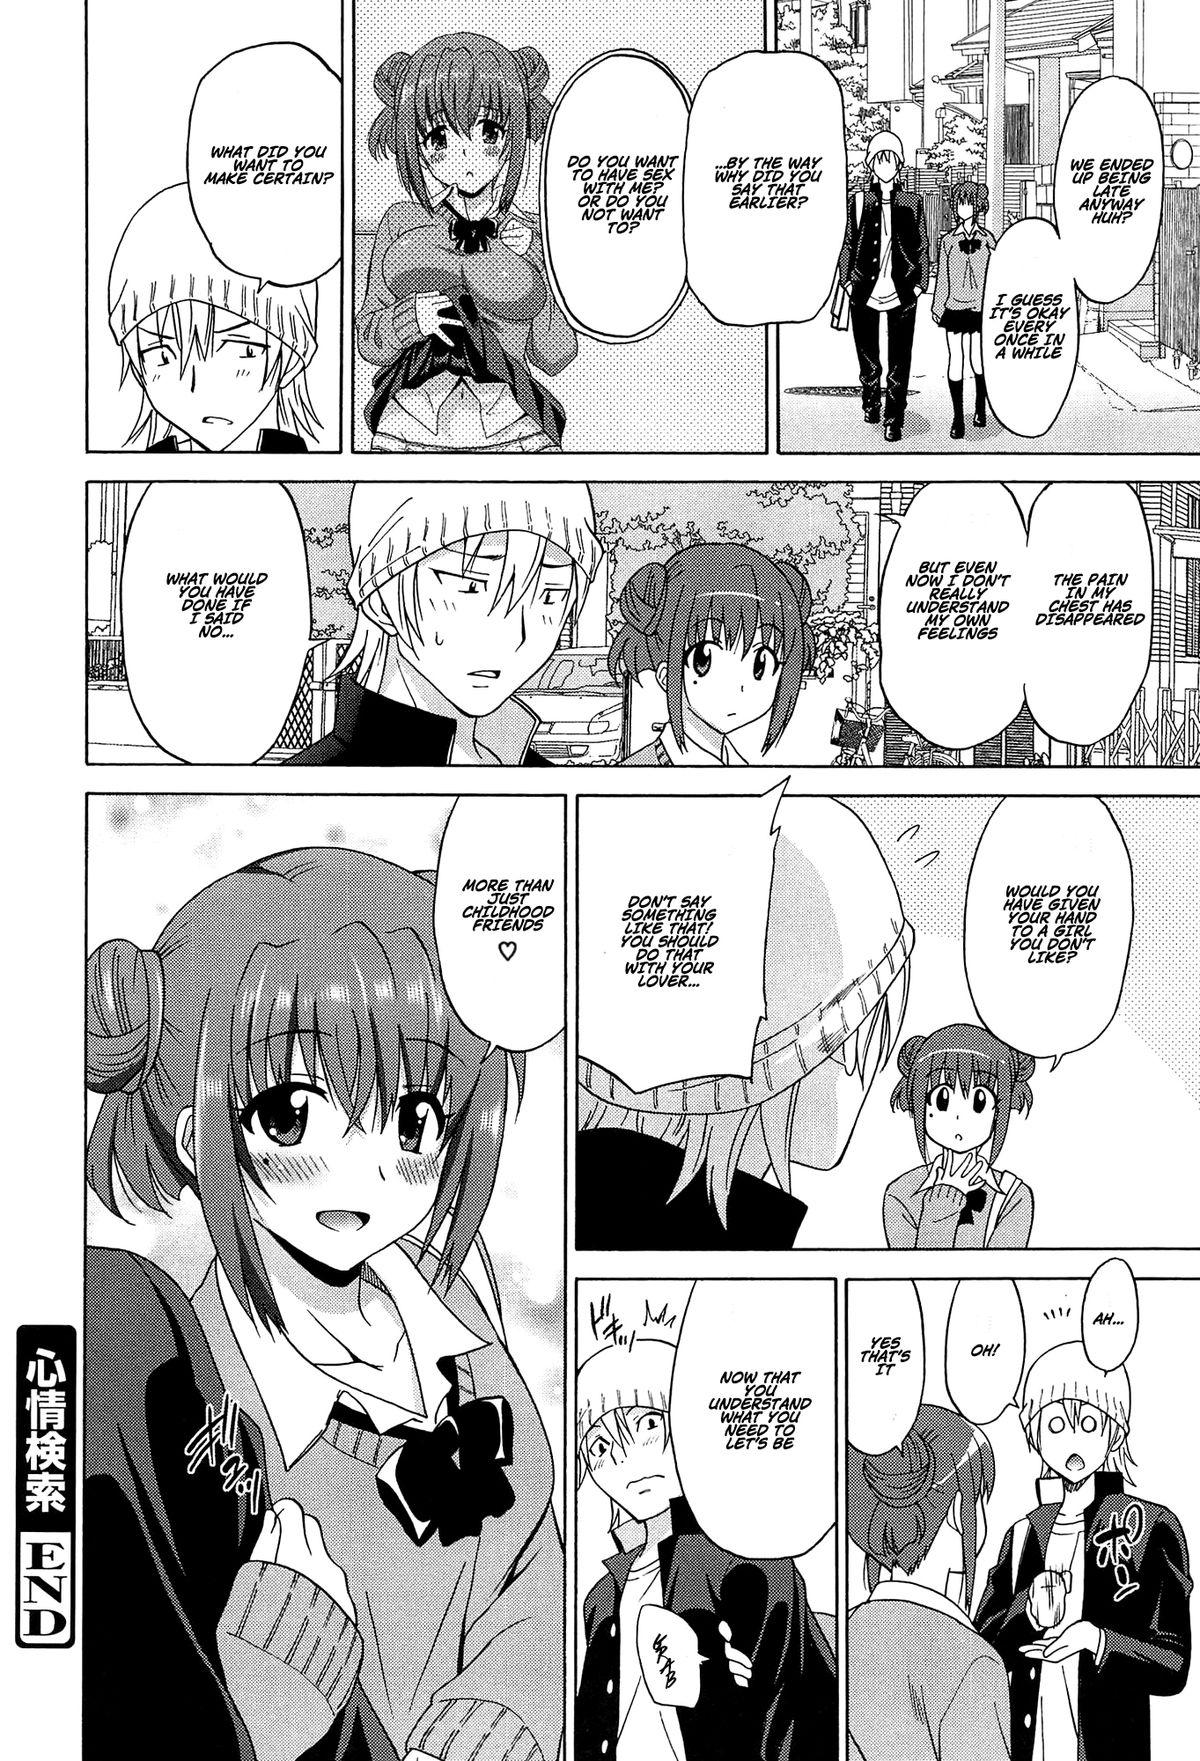 [Otono Natsu] Wonderful Days ~17-nin no Shojo to Inu~ Ch. 1-3 [English] [Na-Mi-Da] 19